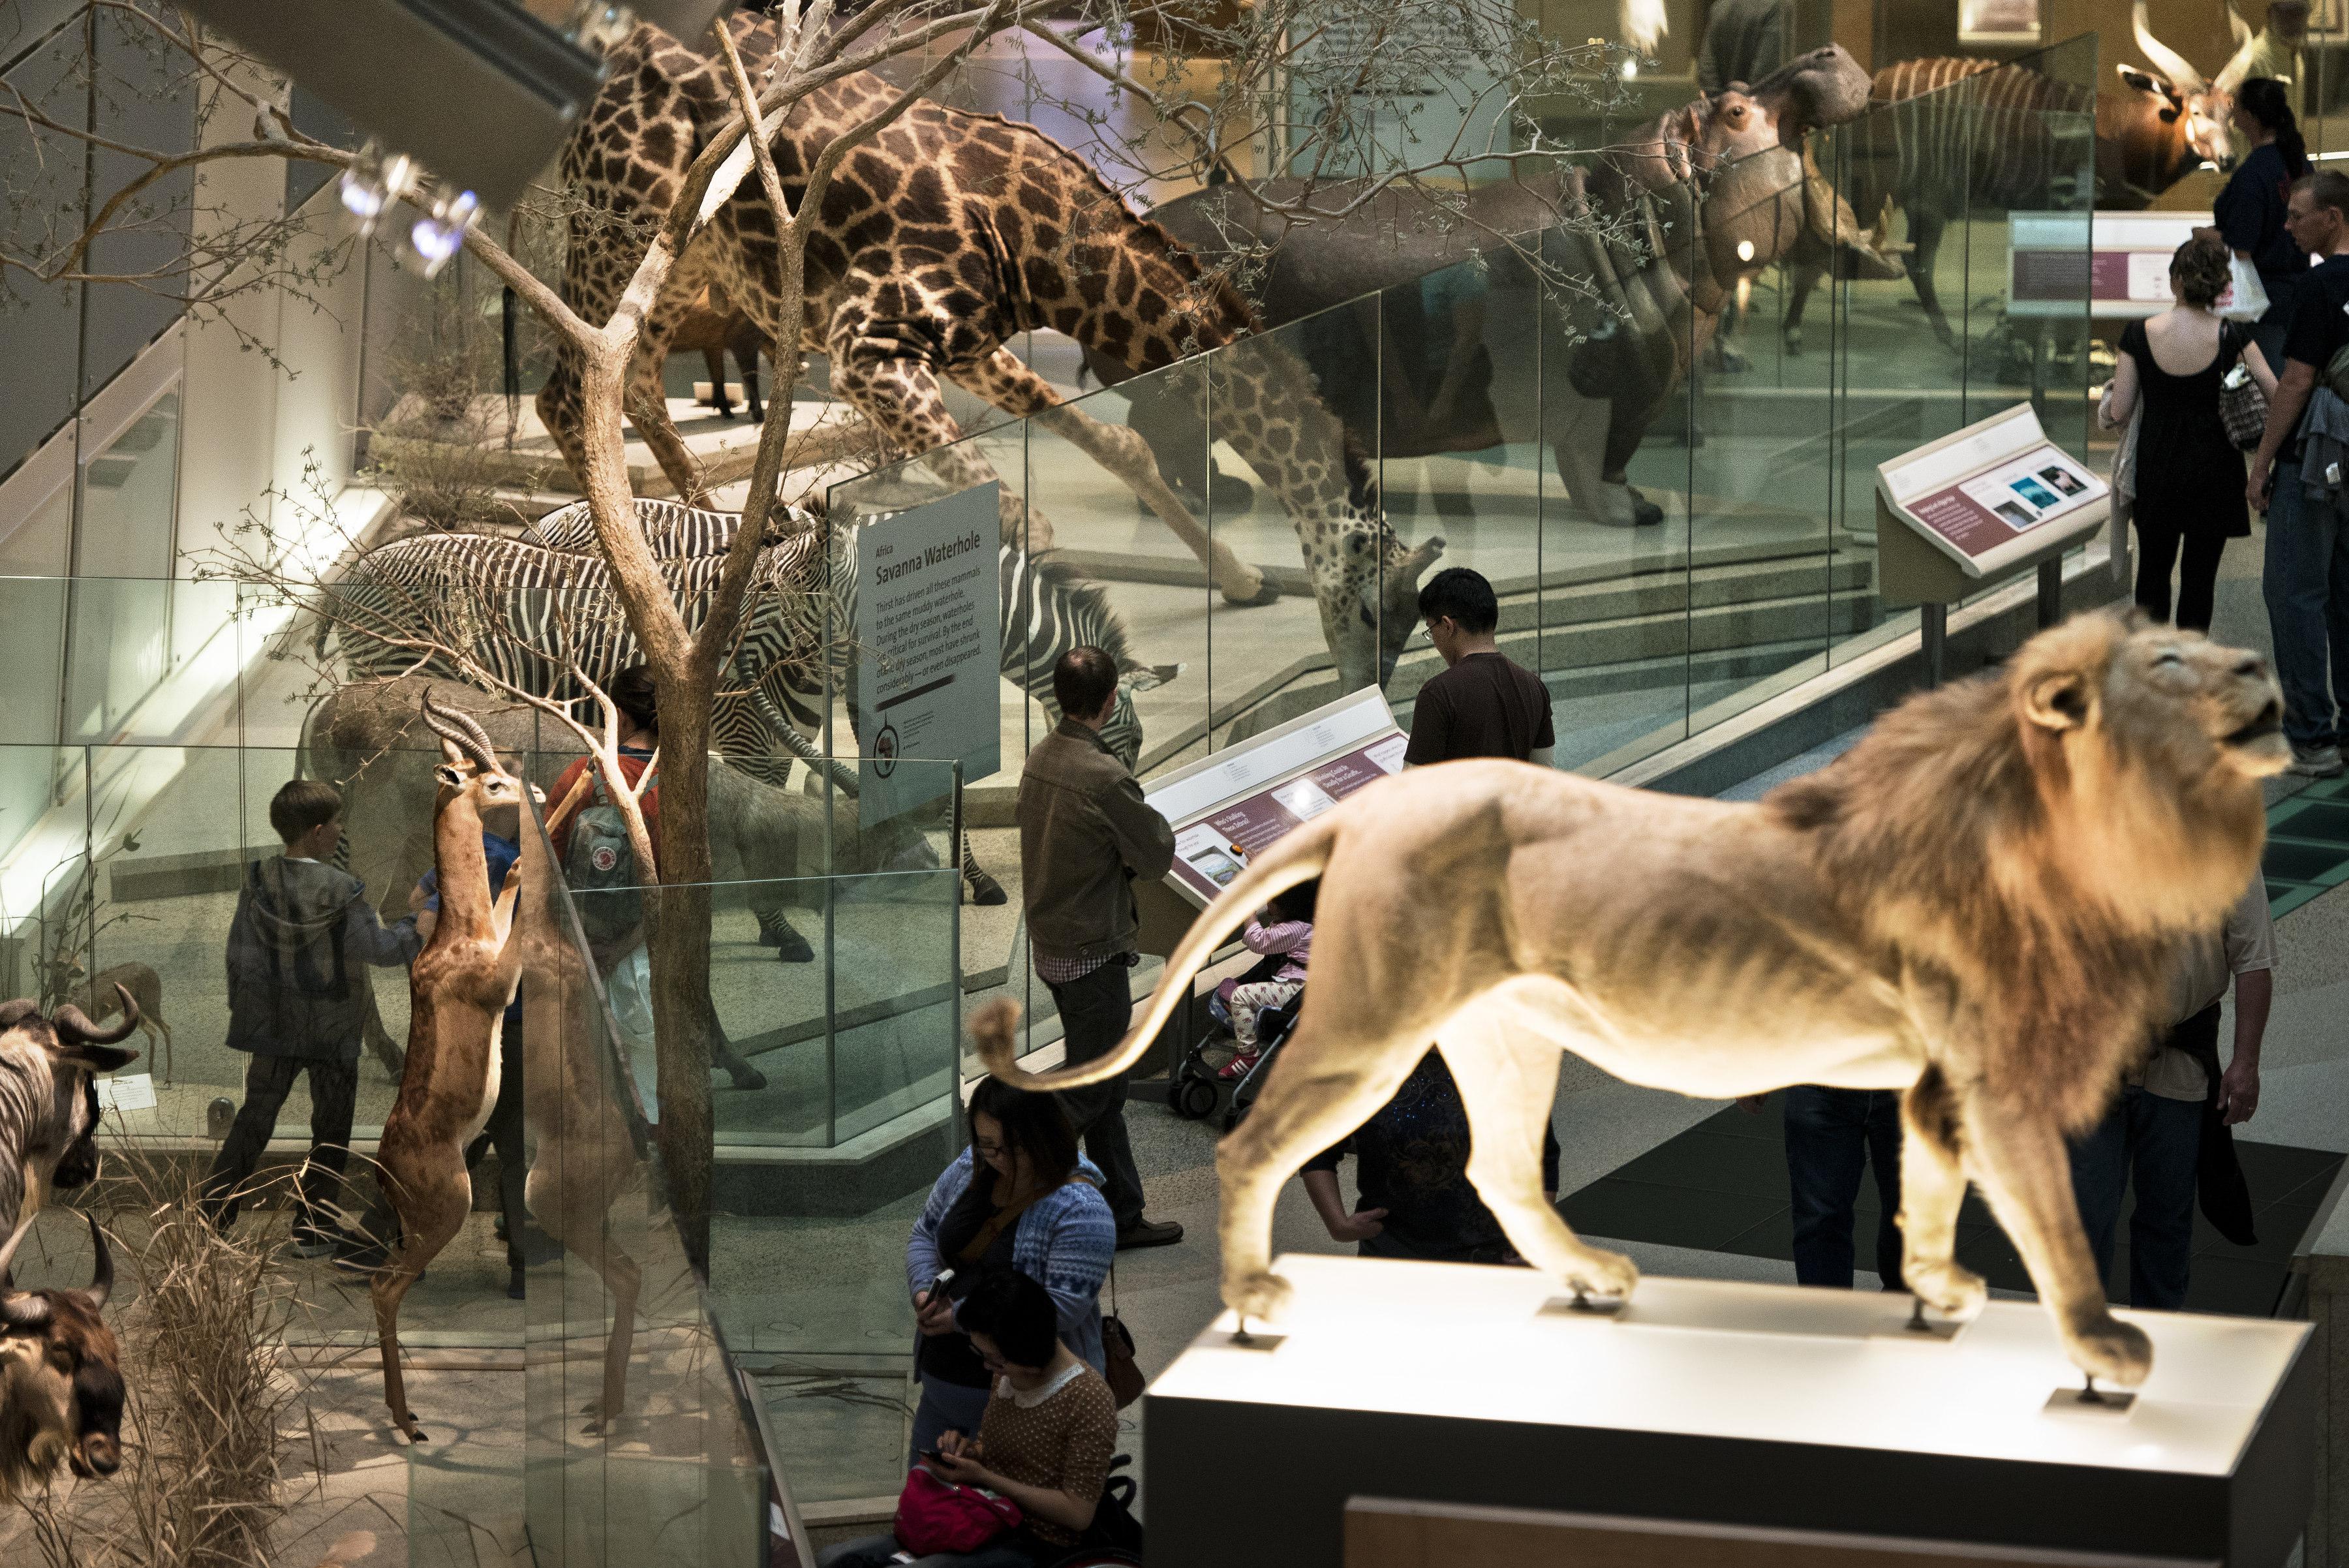 عرض أنواع من الحيوانات في باحة المتحف